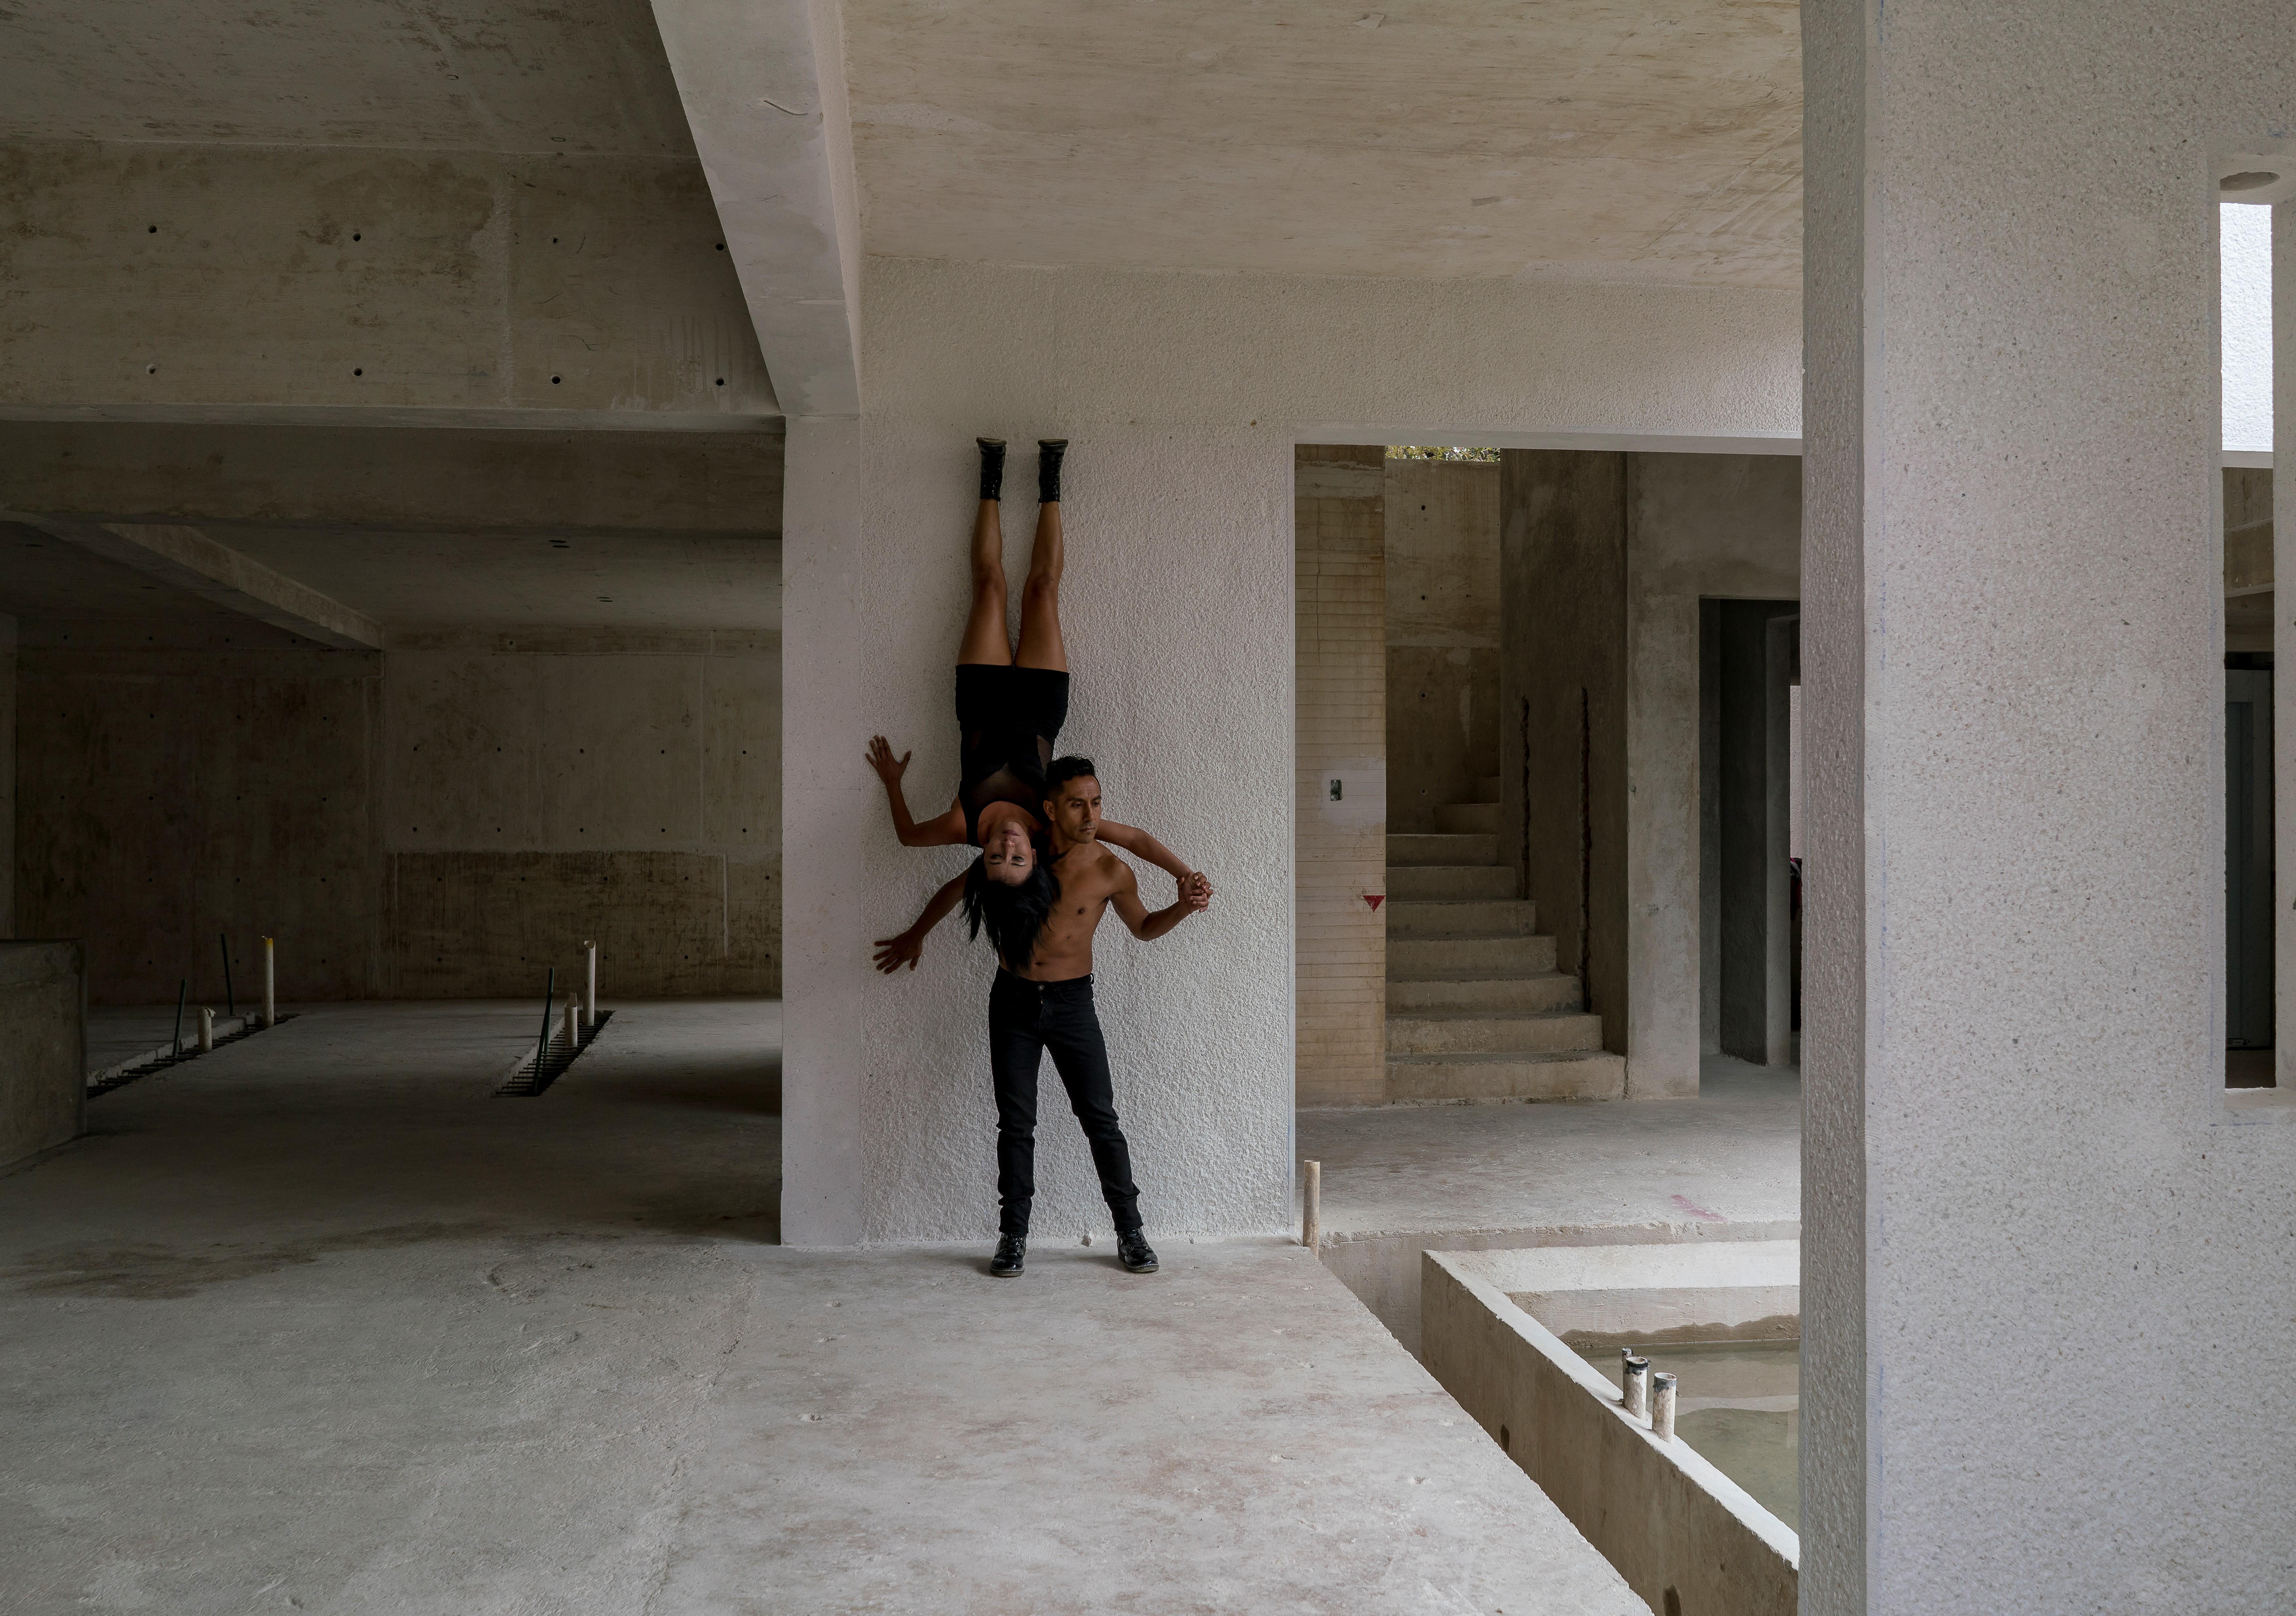 Dimensión Cero: danza, arquitectura y vídeo